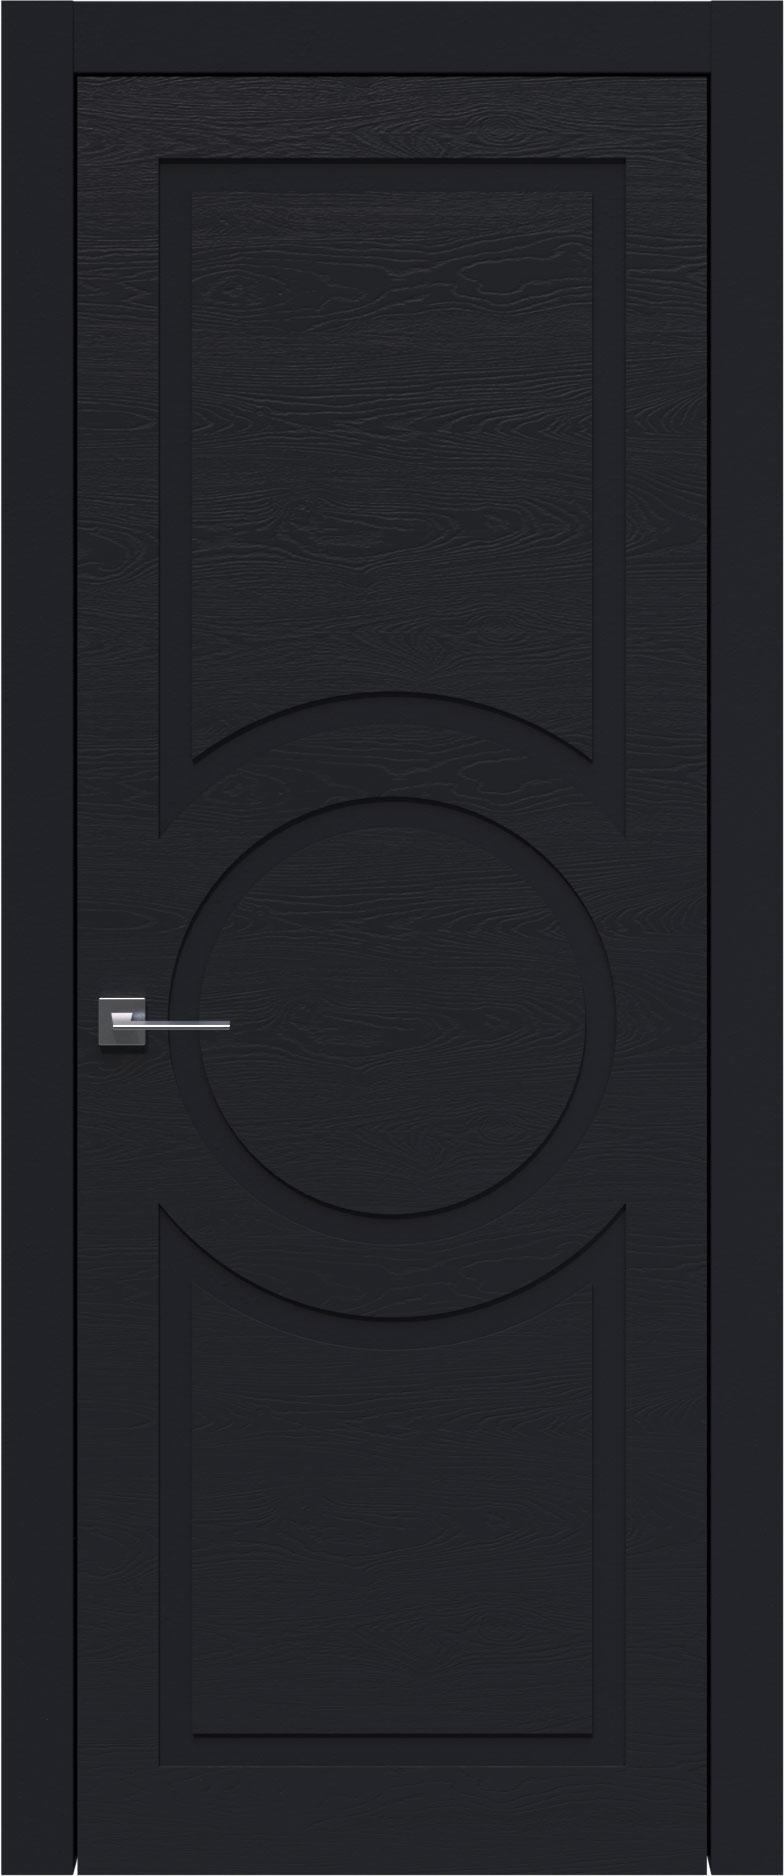 Tivoli М-5 цвет - Черная эмаль по шпону (RAL 9004) Без стекла (ДГ)